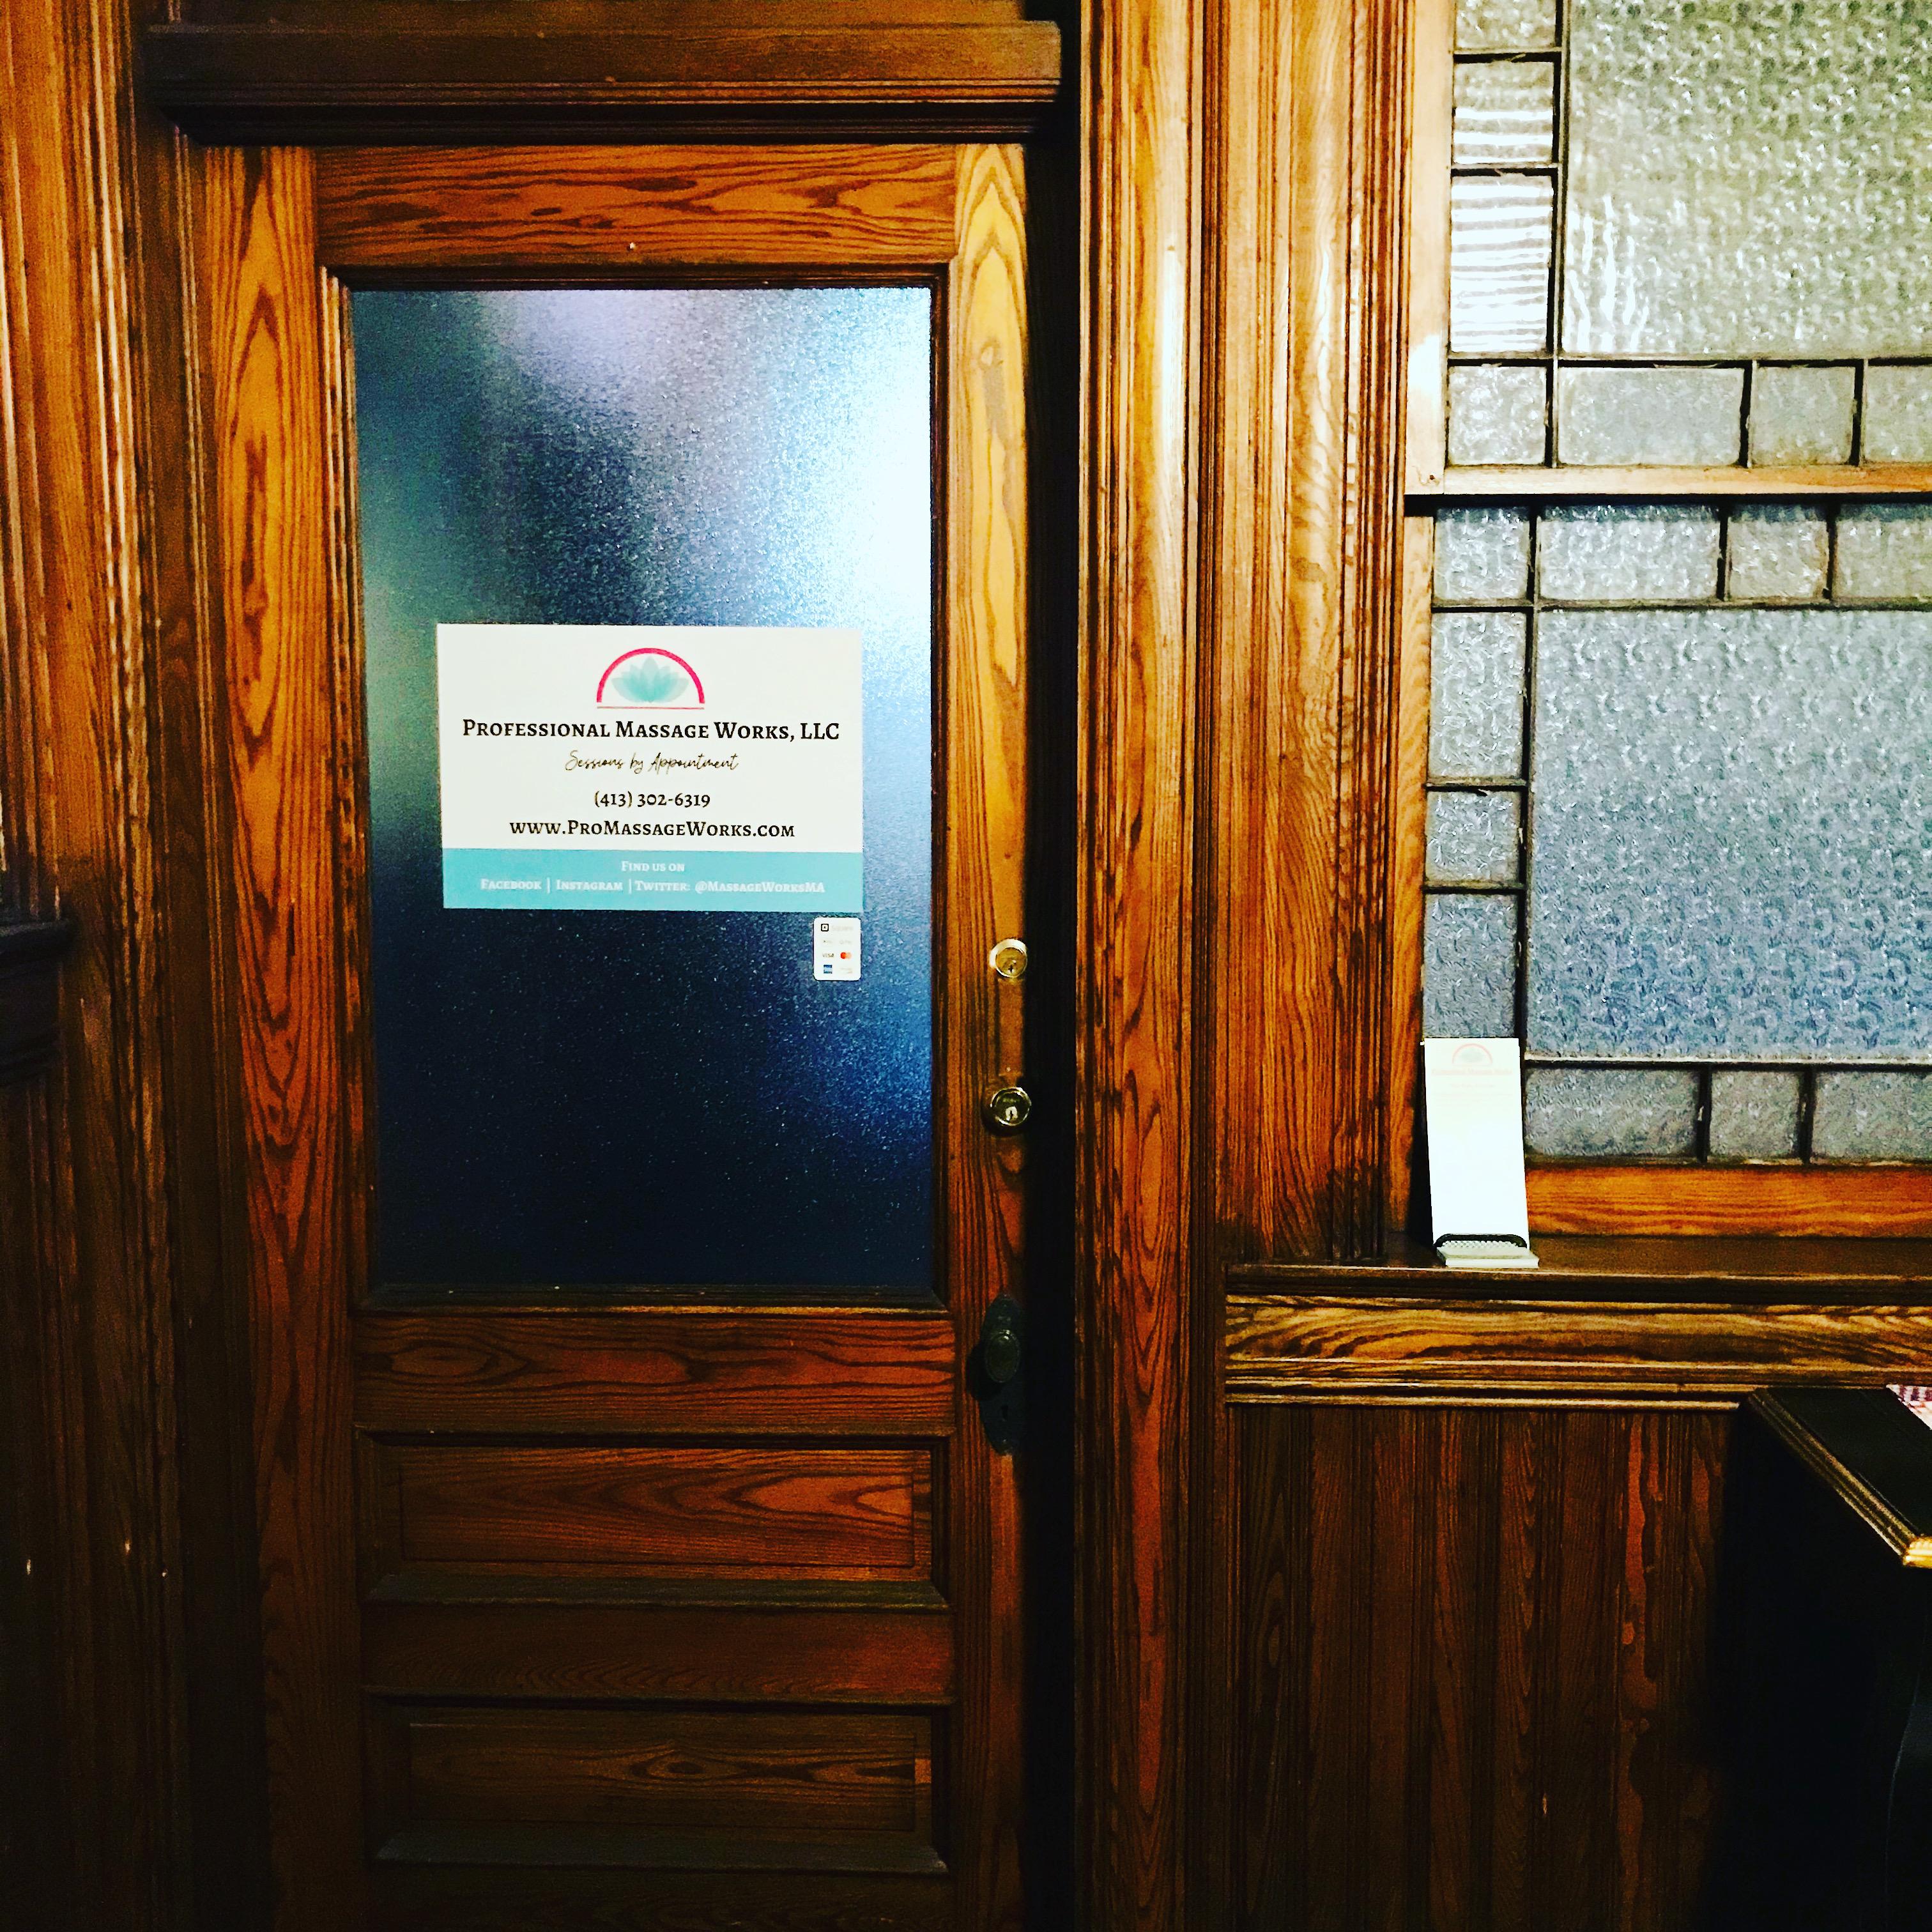 Professional Massage Works, Office, Door, Entry Door, Main Office